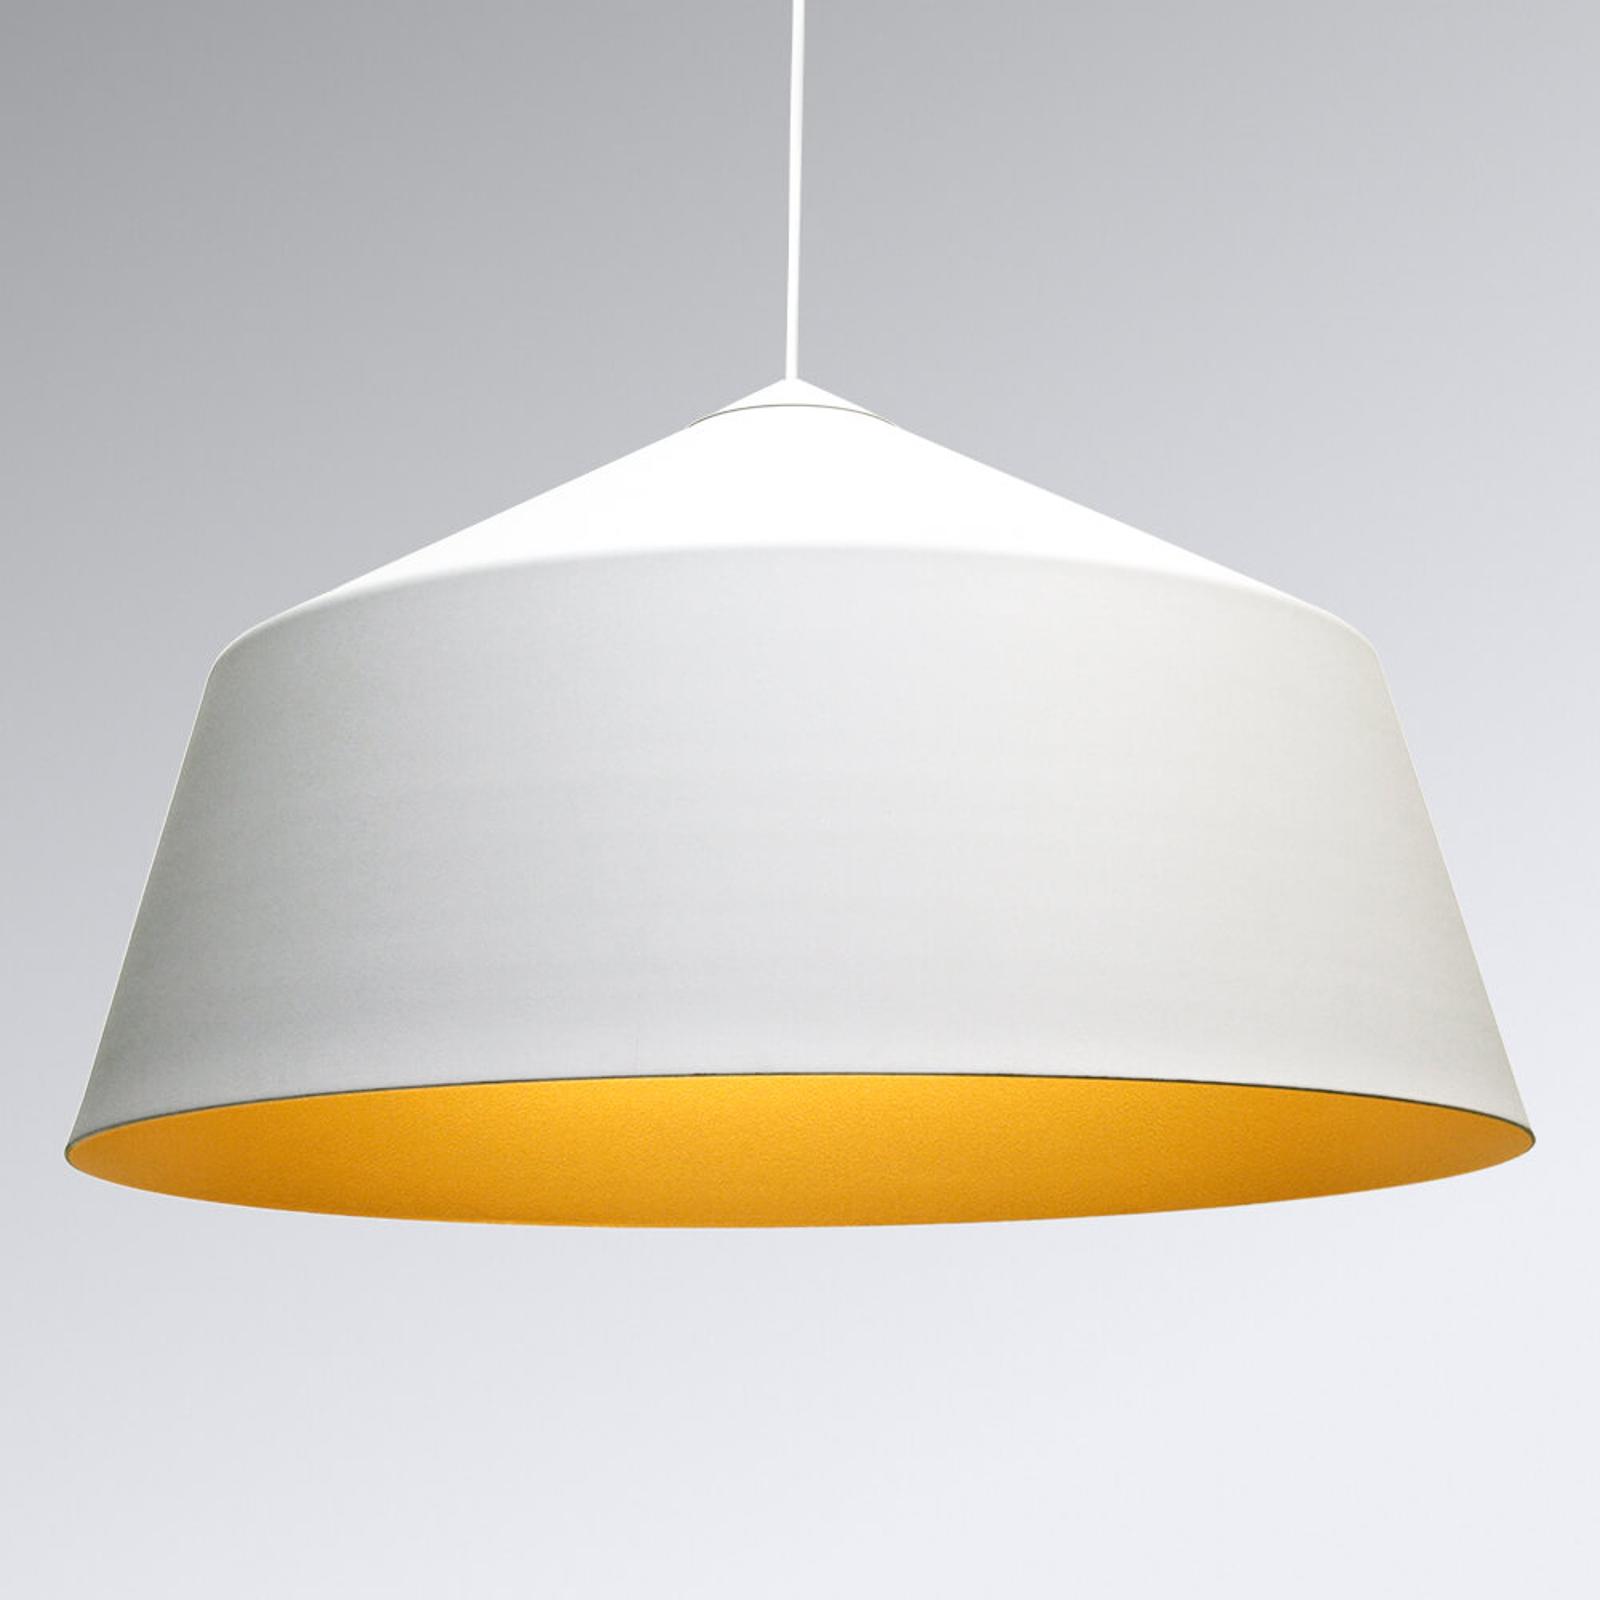 Innermost Circus - Hängeleuchte, weiß-gold, 56 cm